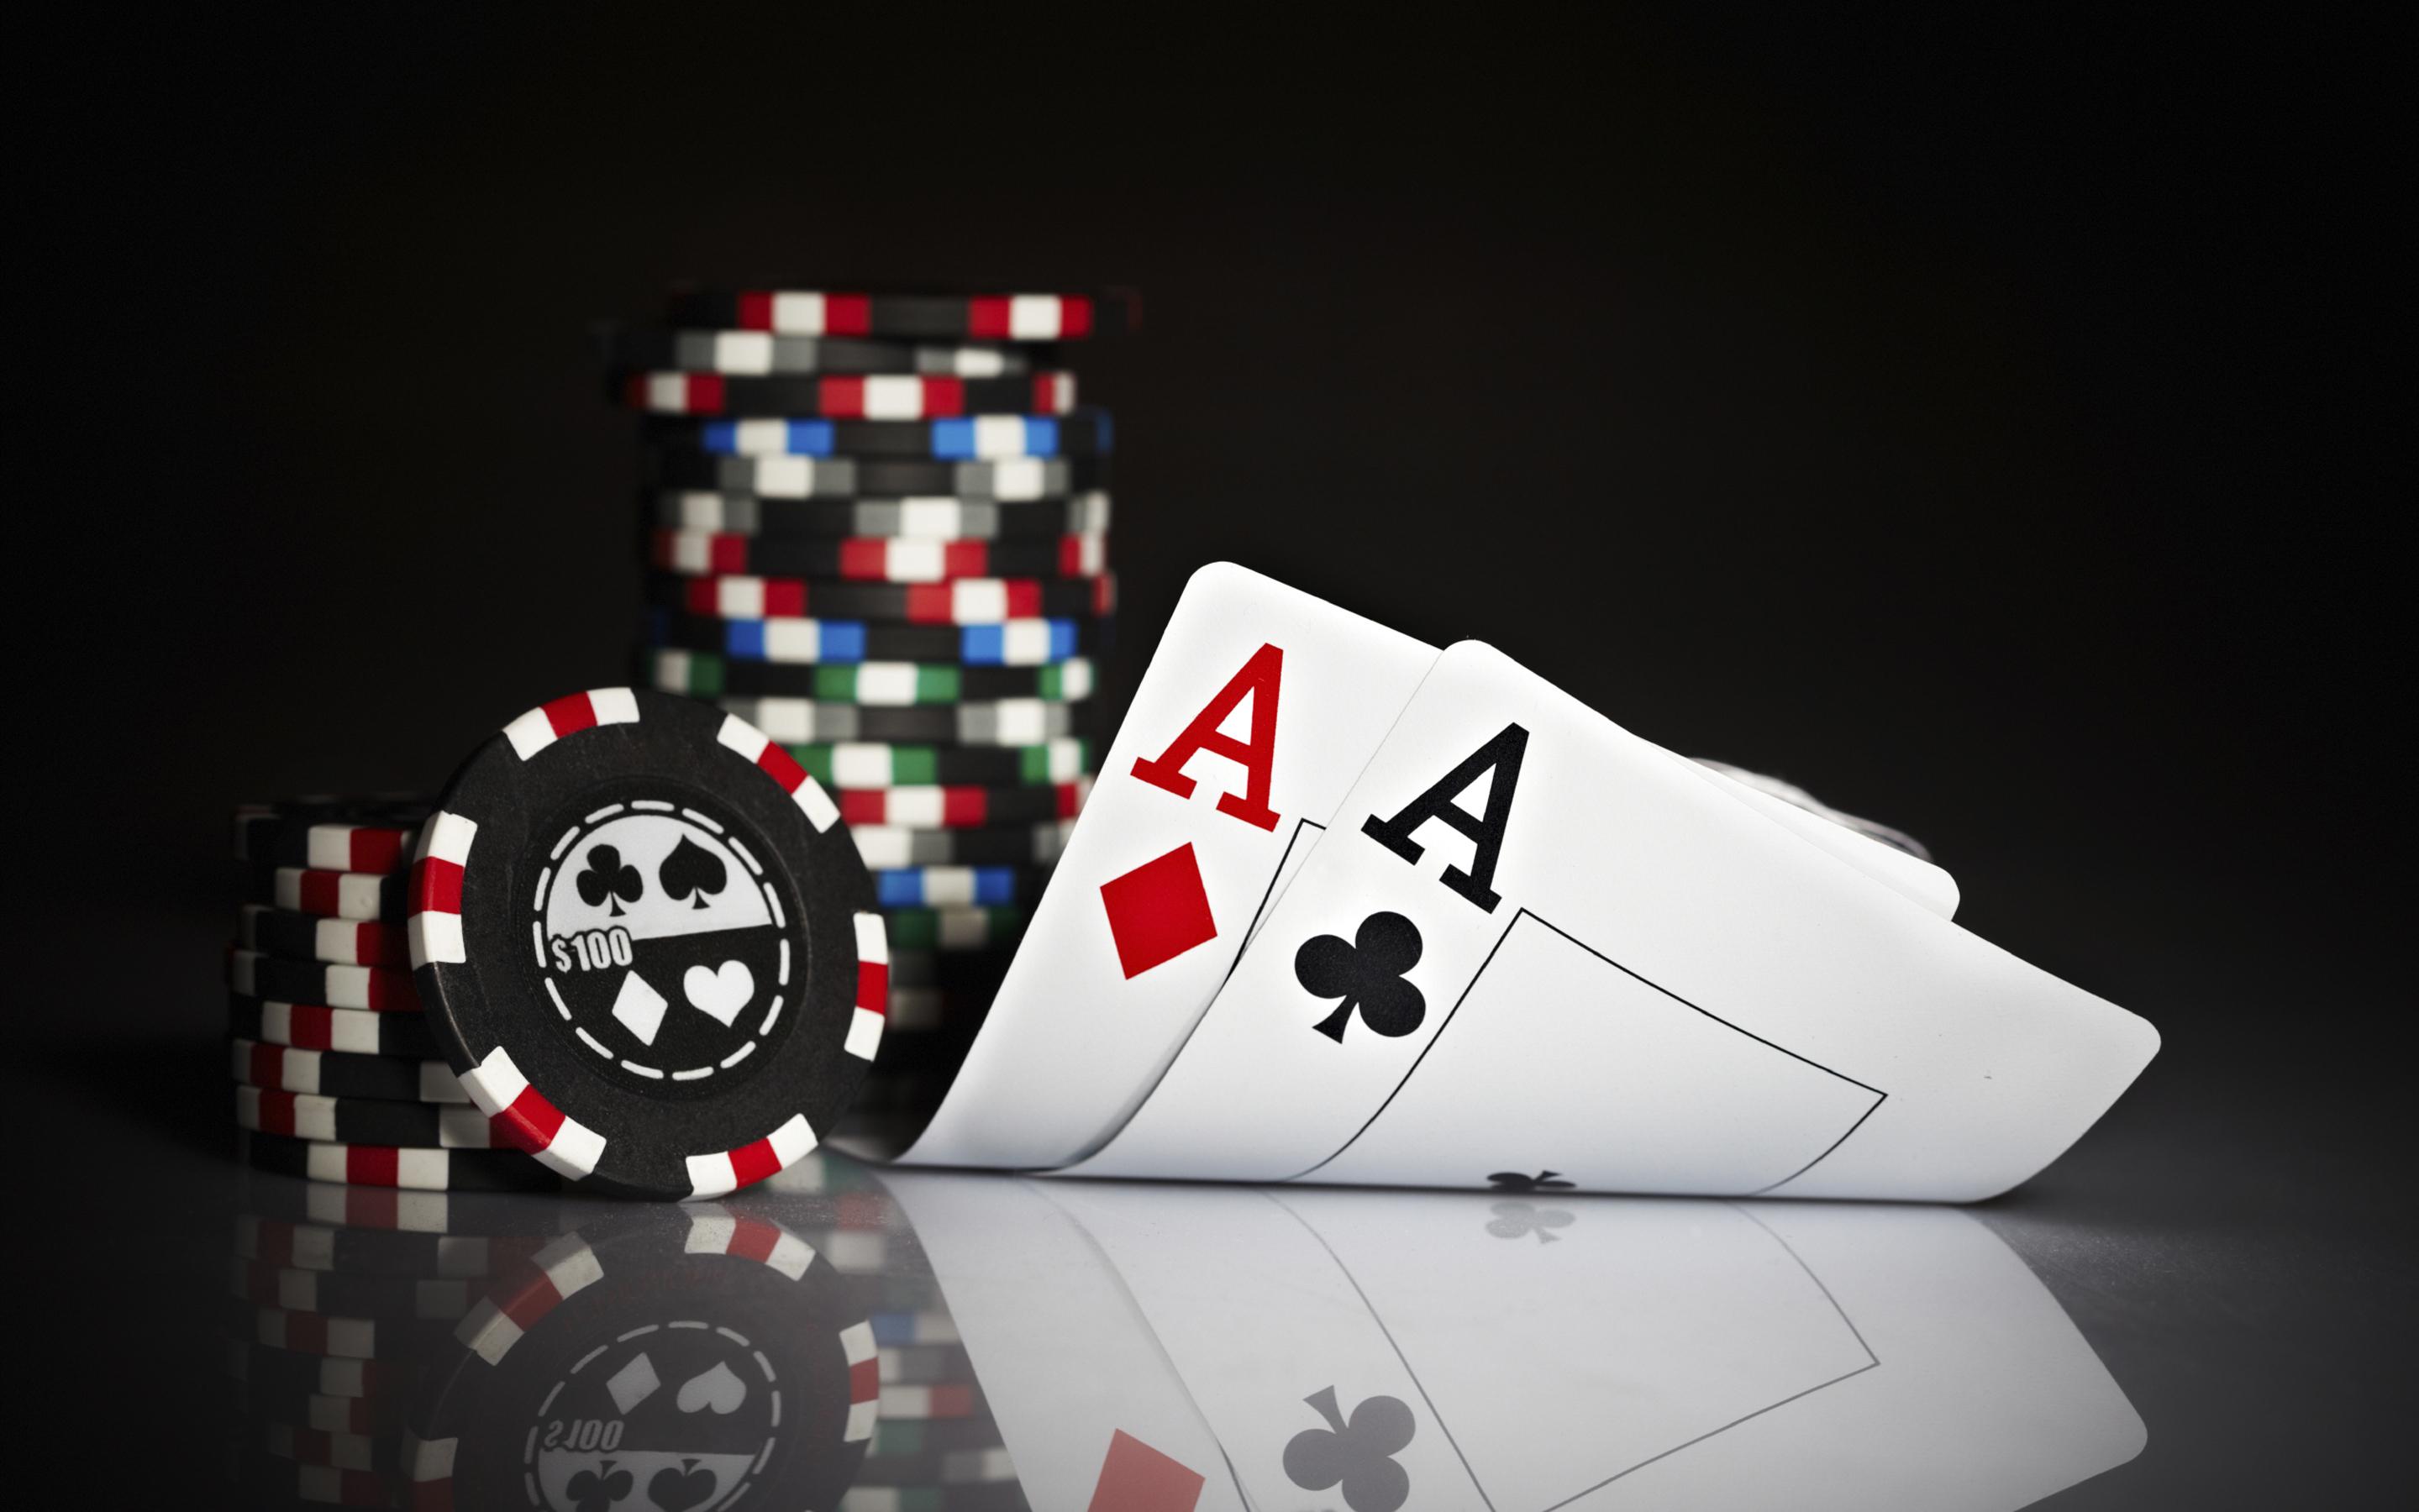 Wallpaper Poker